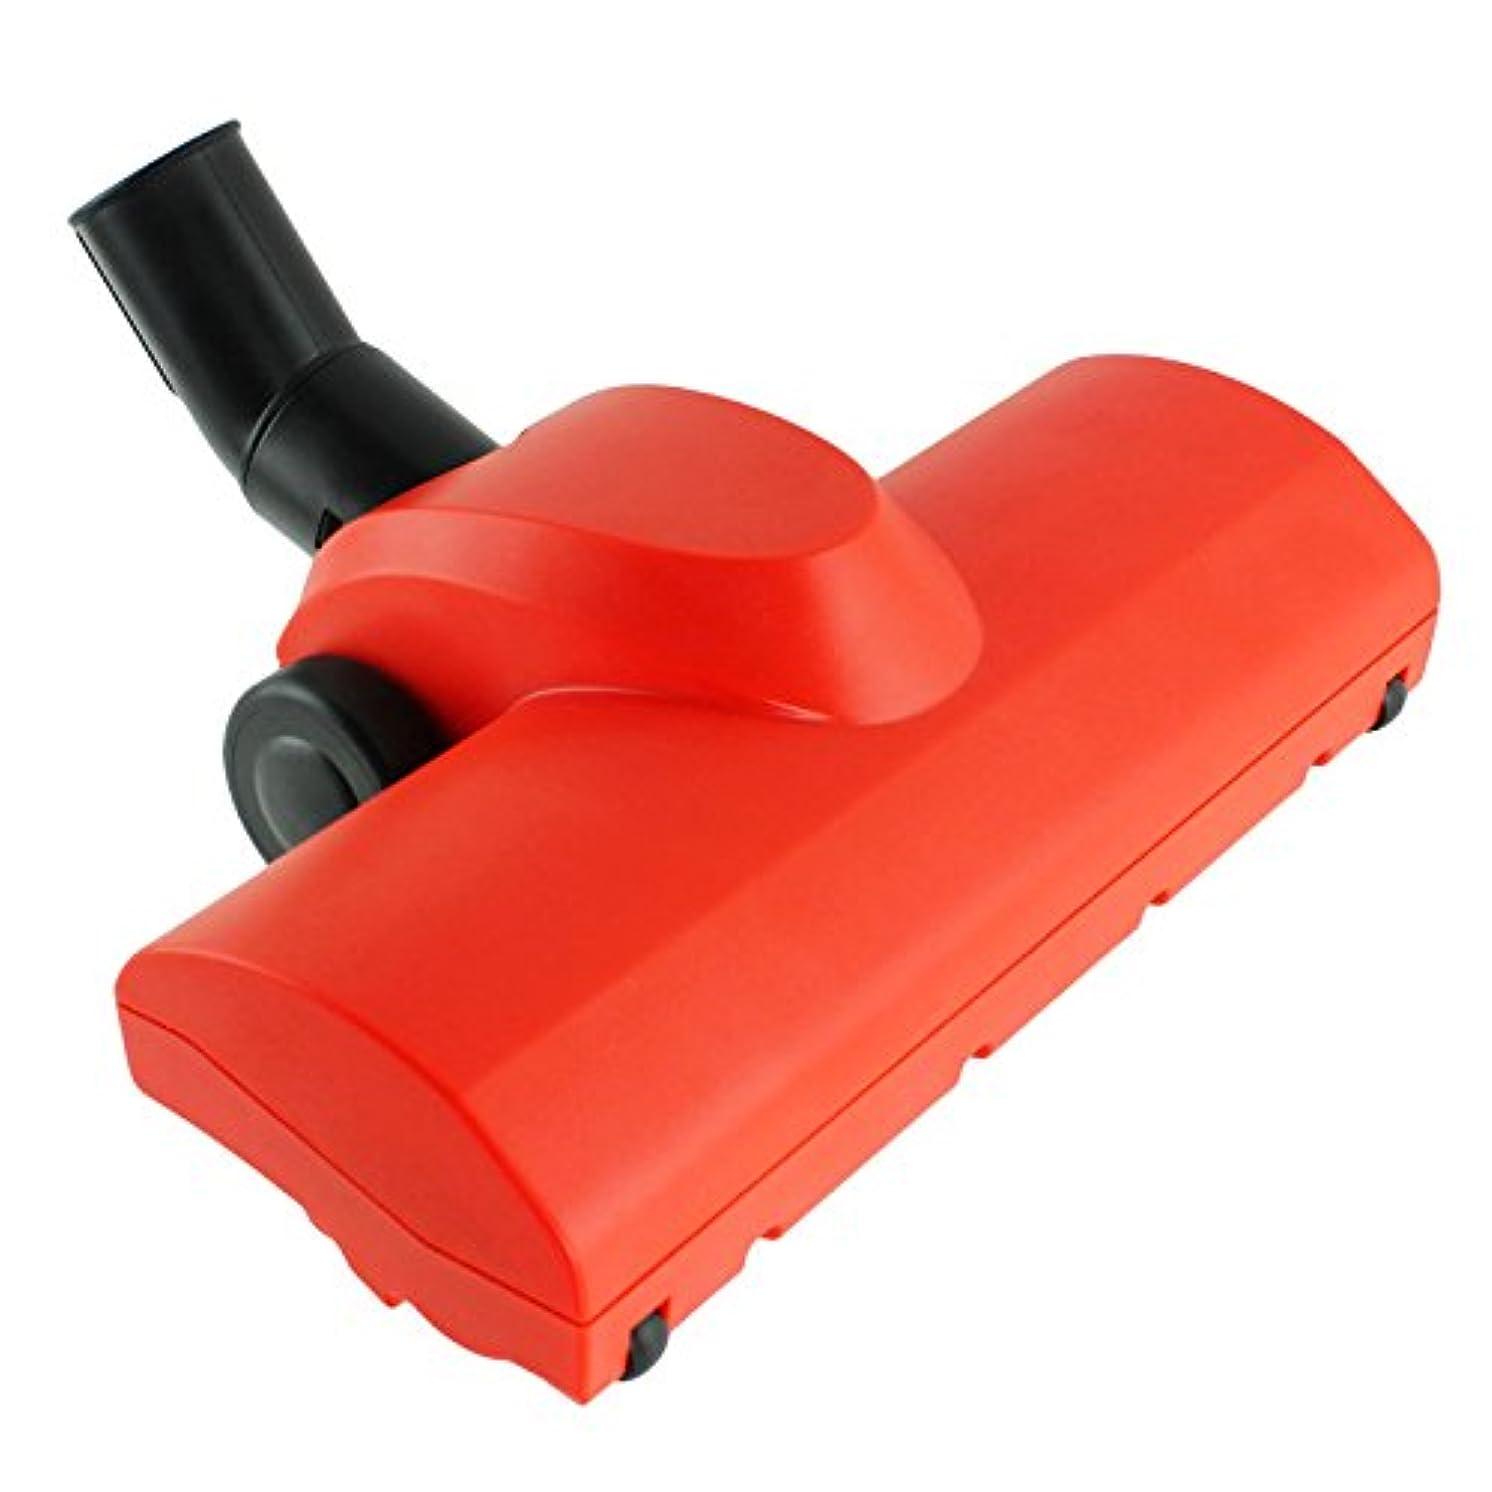 Spares2go Airo Turbine Carpet Brush Hoover Tool For Commercial Numatic Vacuum Cleaner